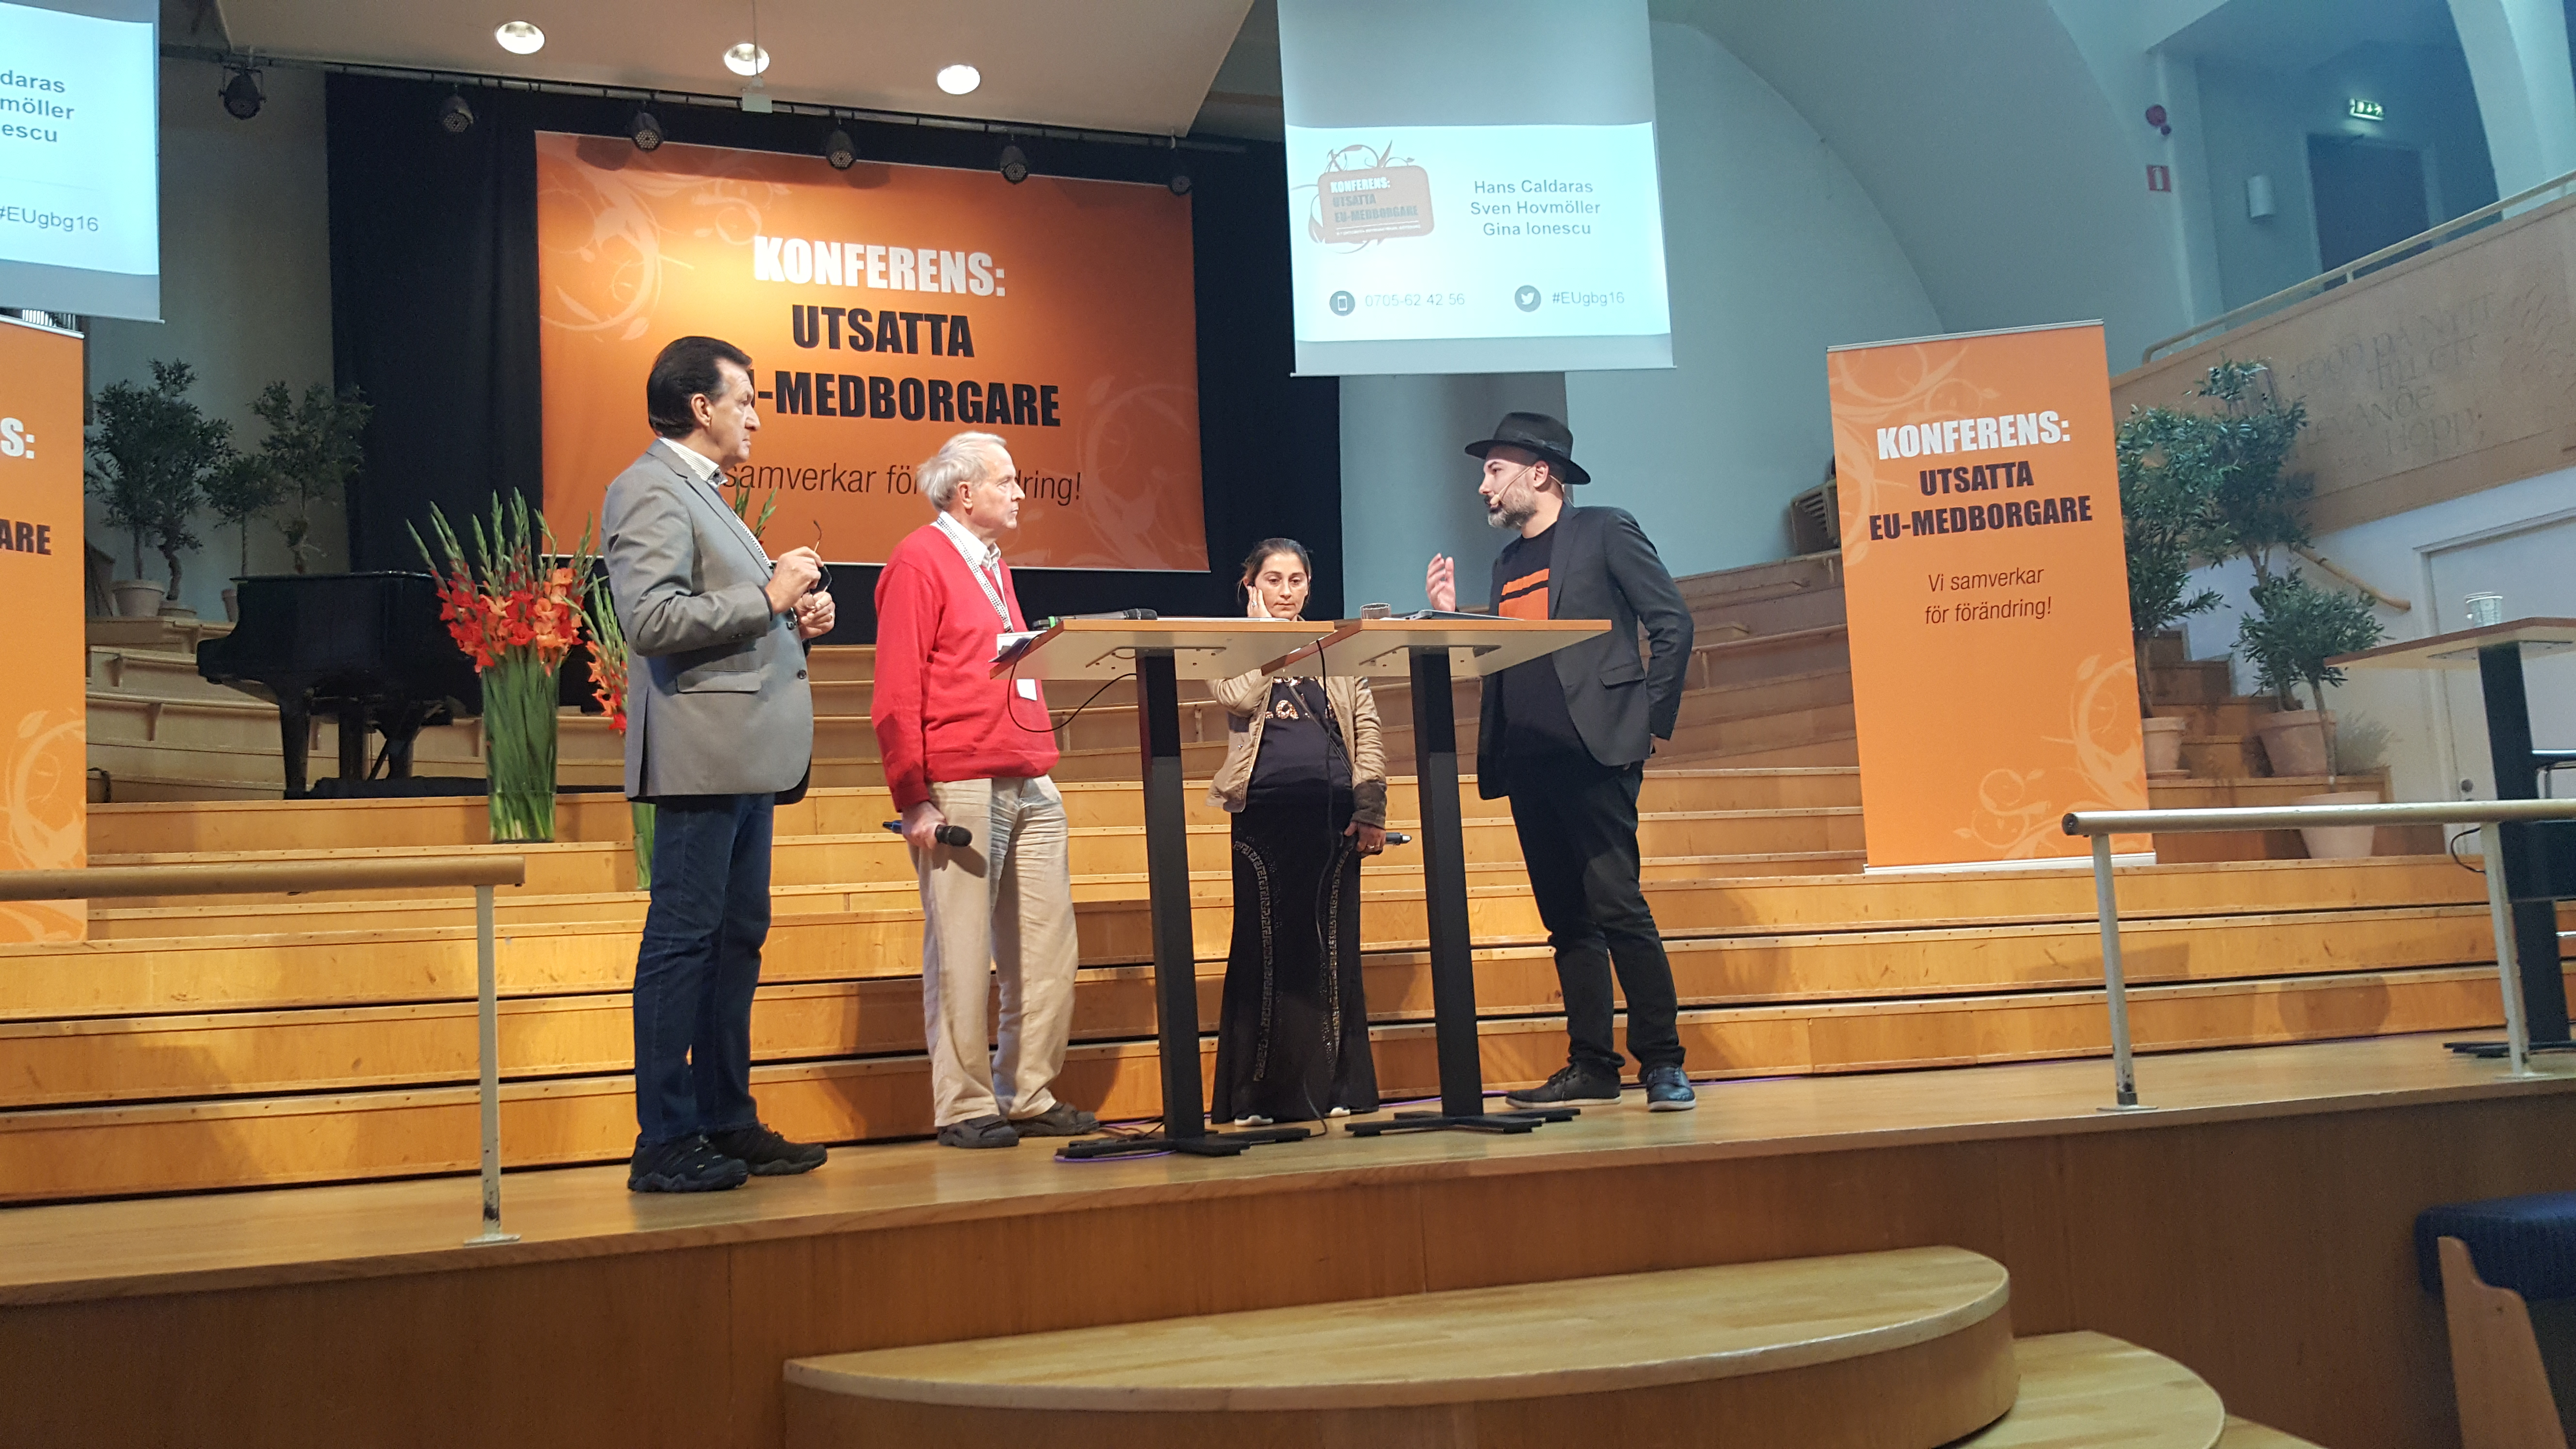 Avhysningar diskuterades med ett historiskt svenskt perspektiv. Både Hans Caldaras (längst till vänster) och Gina Ionescu (tredje från vänster) har egna erfarenheter av att bli avhysta. Övriga på bild (från vänster) är Sven Hovmöller från föreningen HEM och Aaron Israelson.